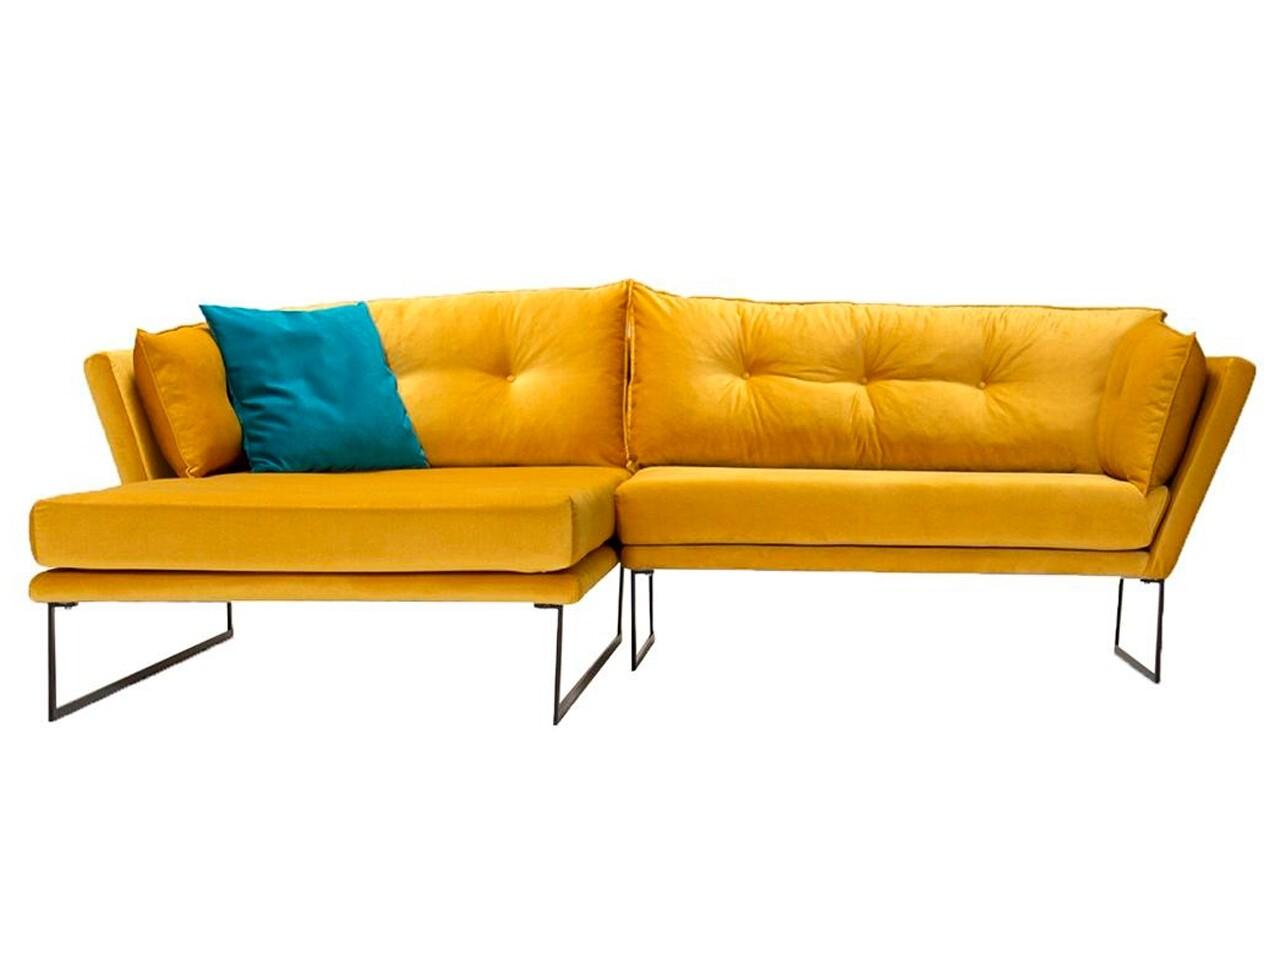 Coltar stanga Relax Yellow, Heinner, 258x170x80 cm, catifea